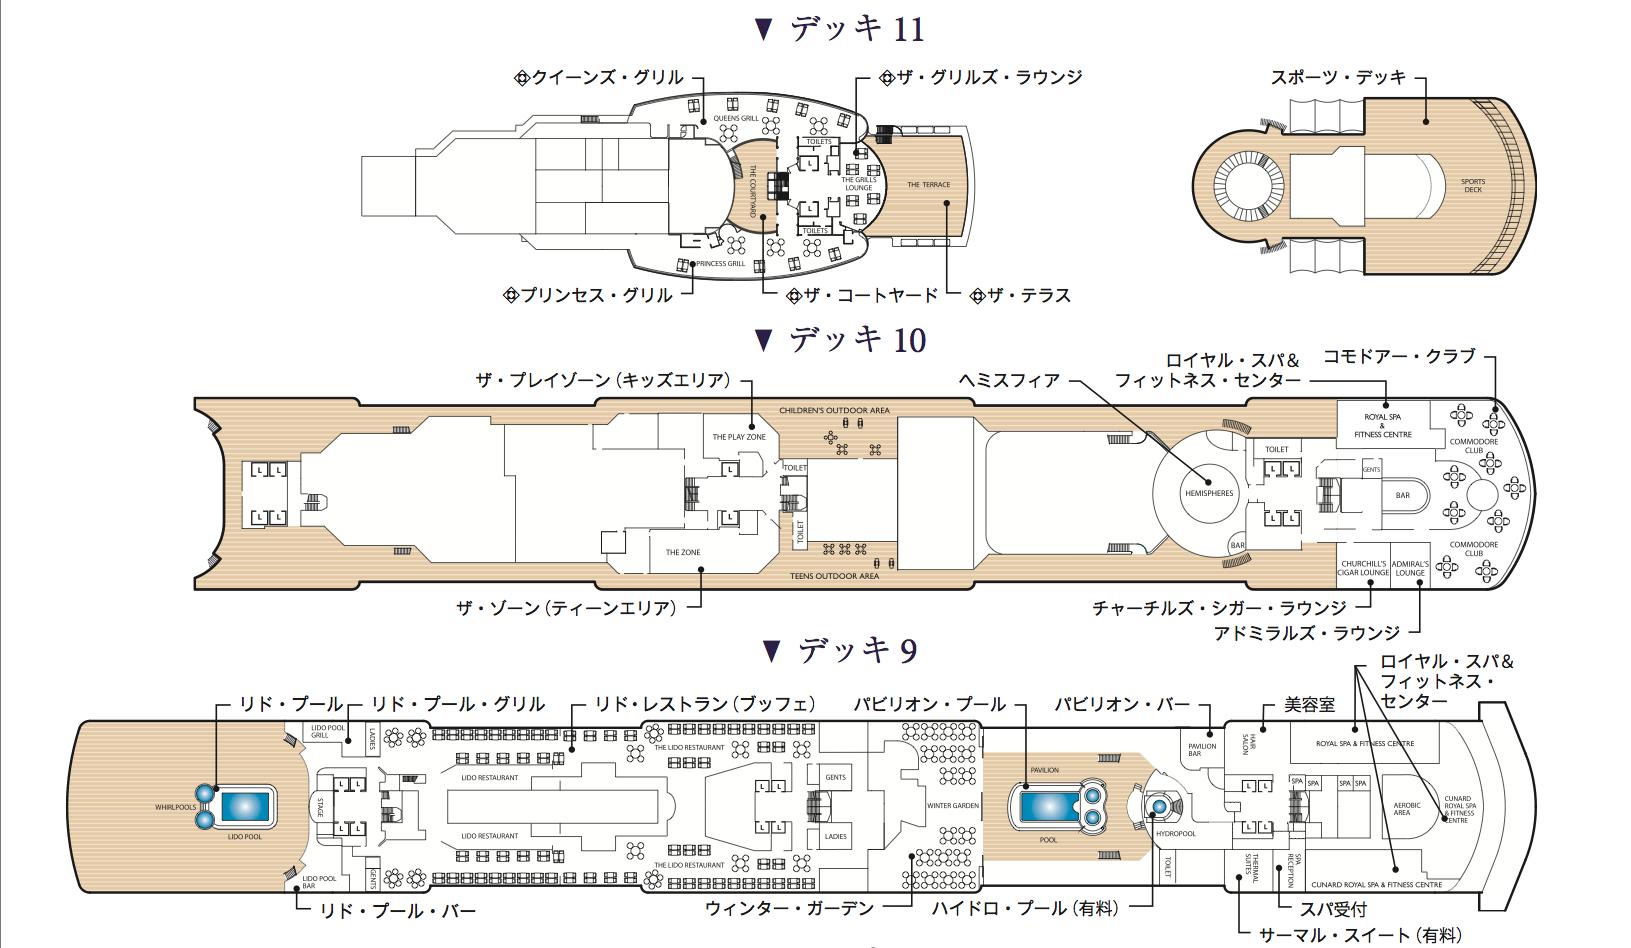 デッキ9〜11